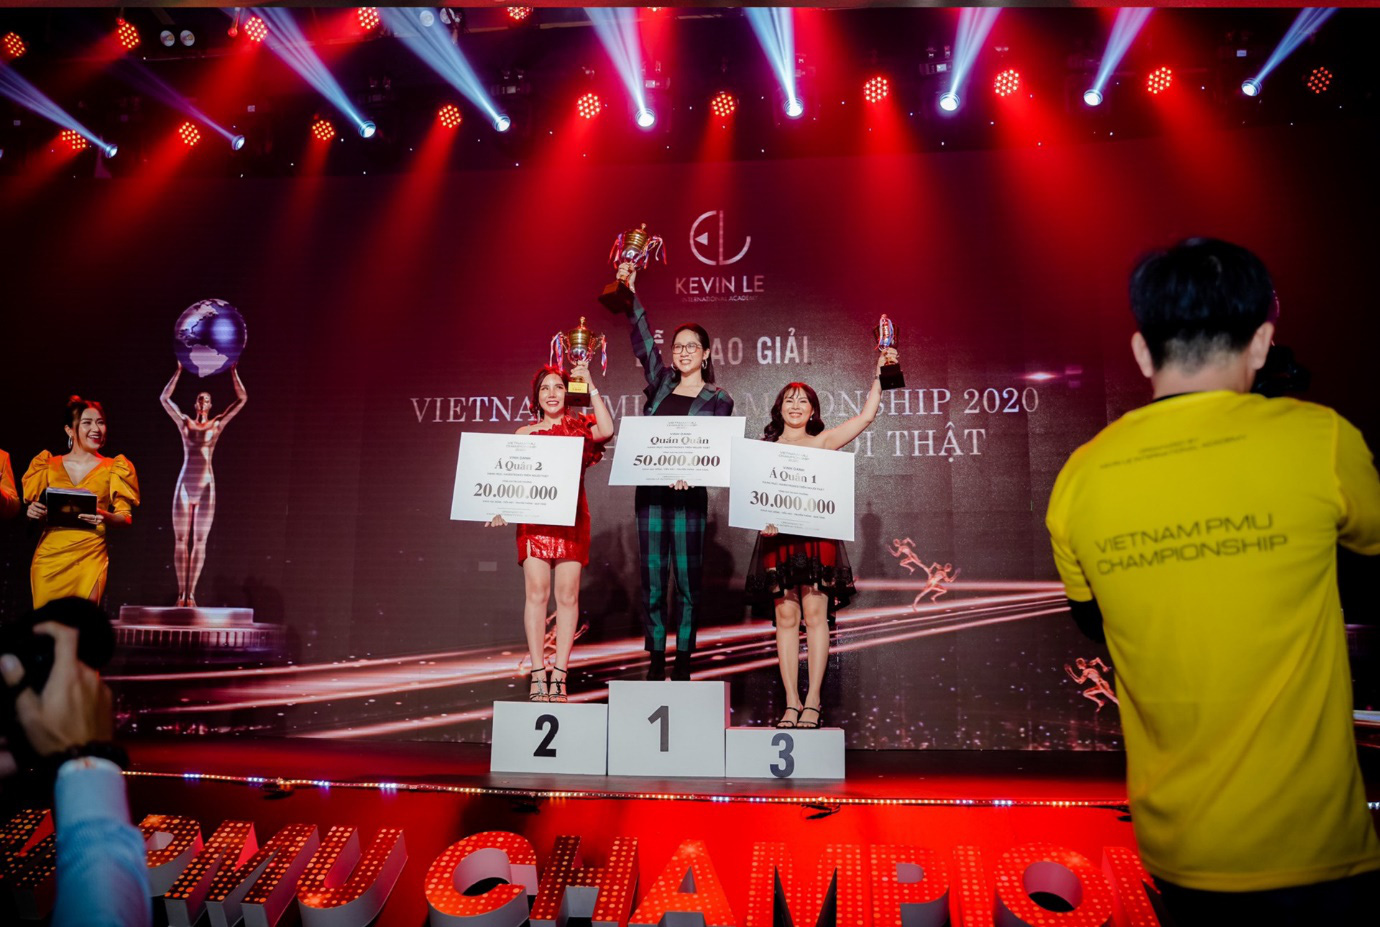 Dấu ấn khó quên của Thu Anh Brows tại Vietnam PMU Championship 2020 - Ảnh 3.